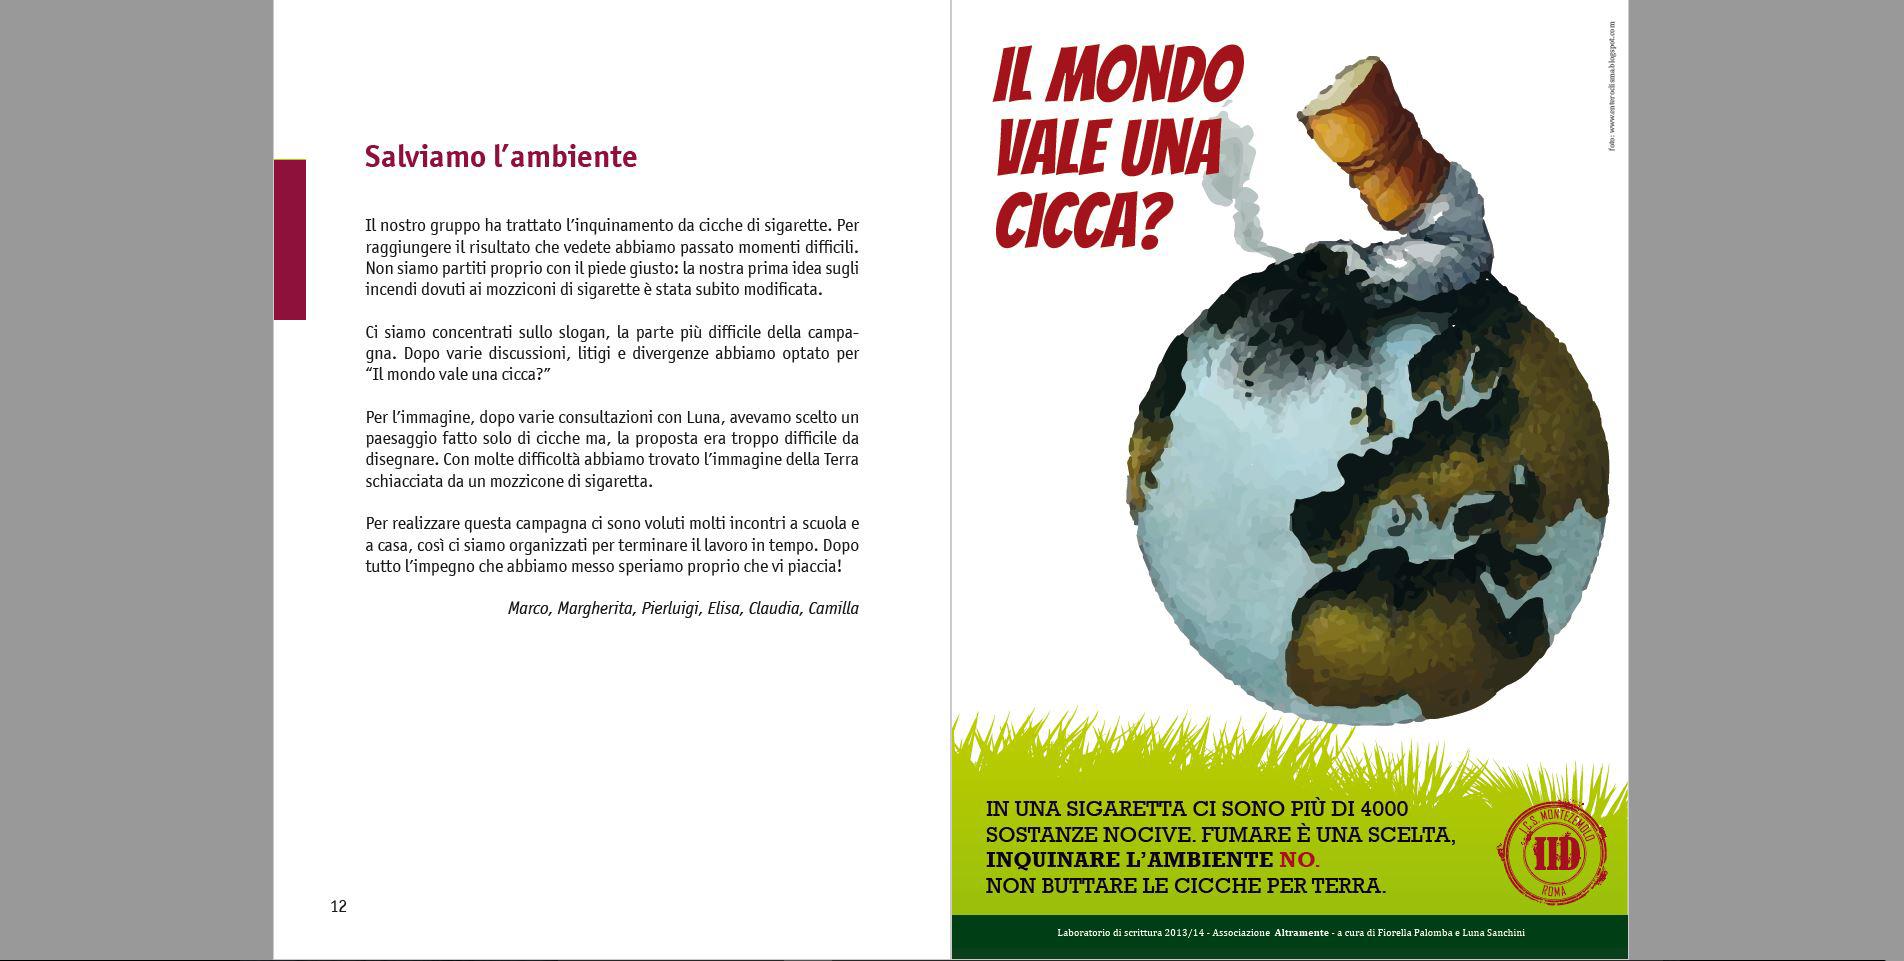 Campagna pubblicitaria per la salvaguardia dell'ambiente